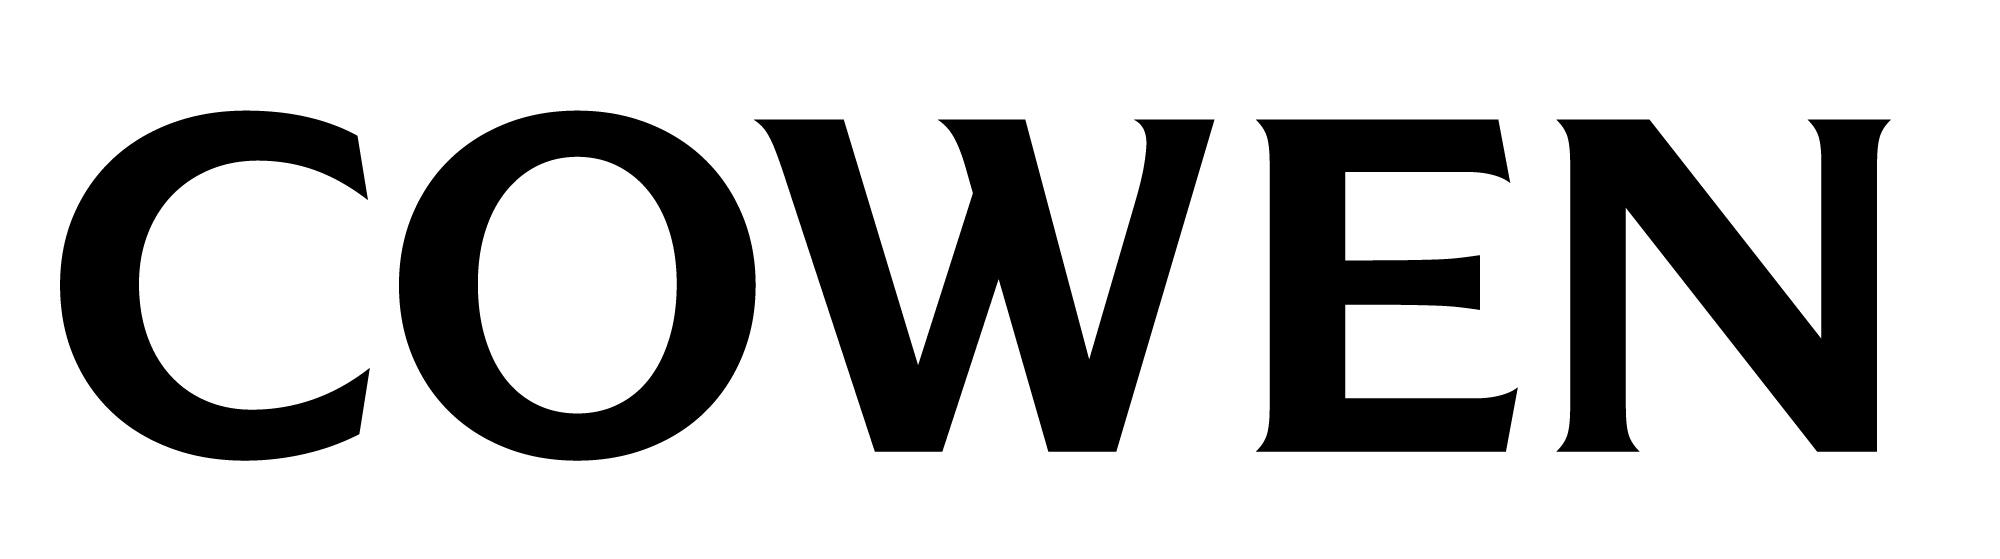 Cowen_Logo_rgb_k.jpg